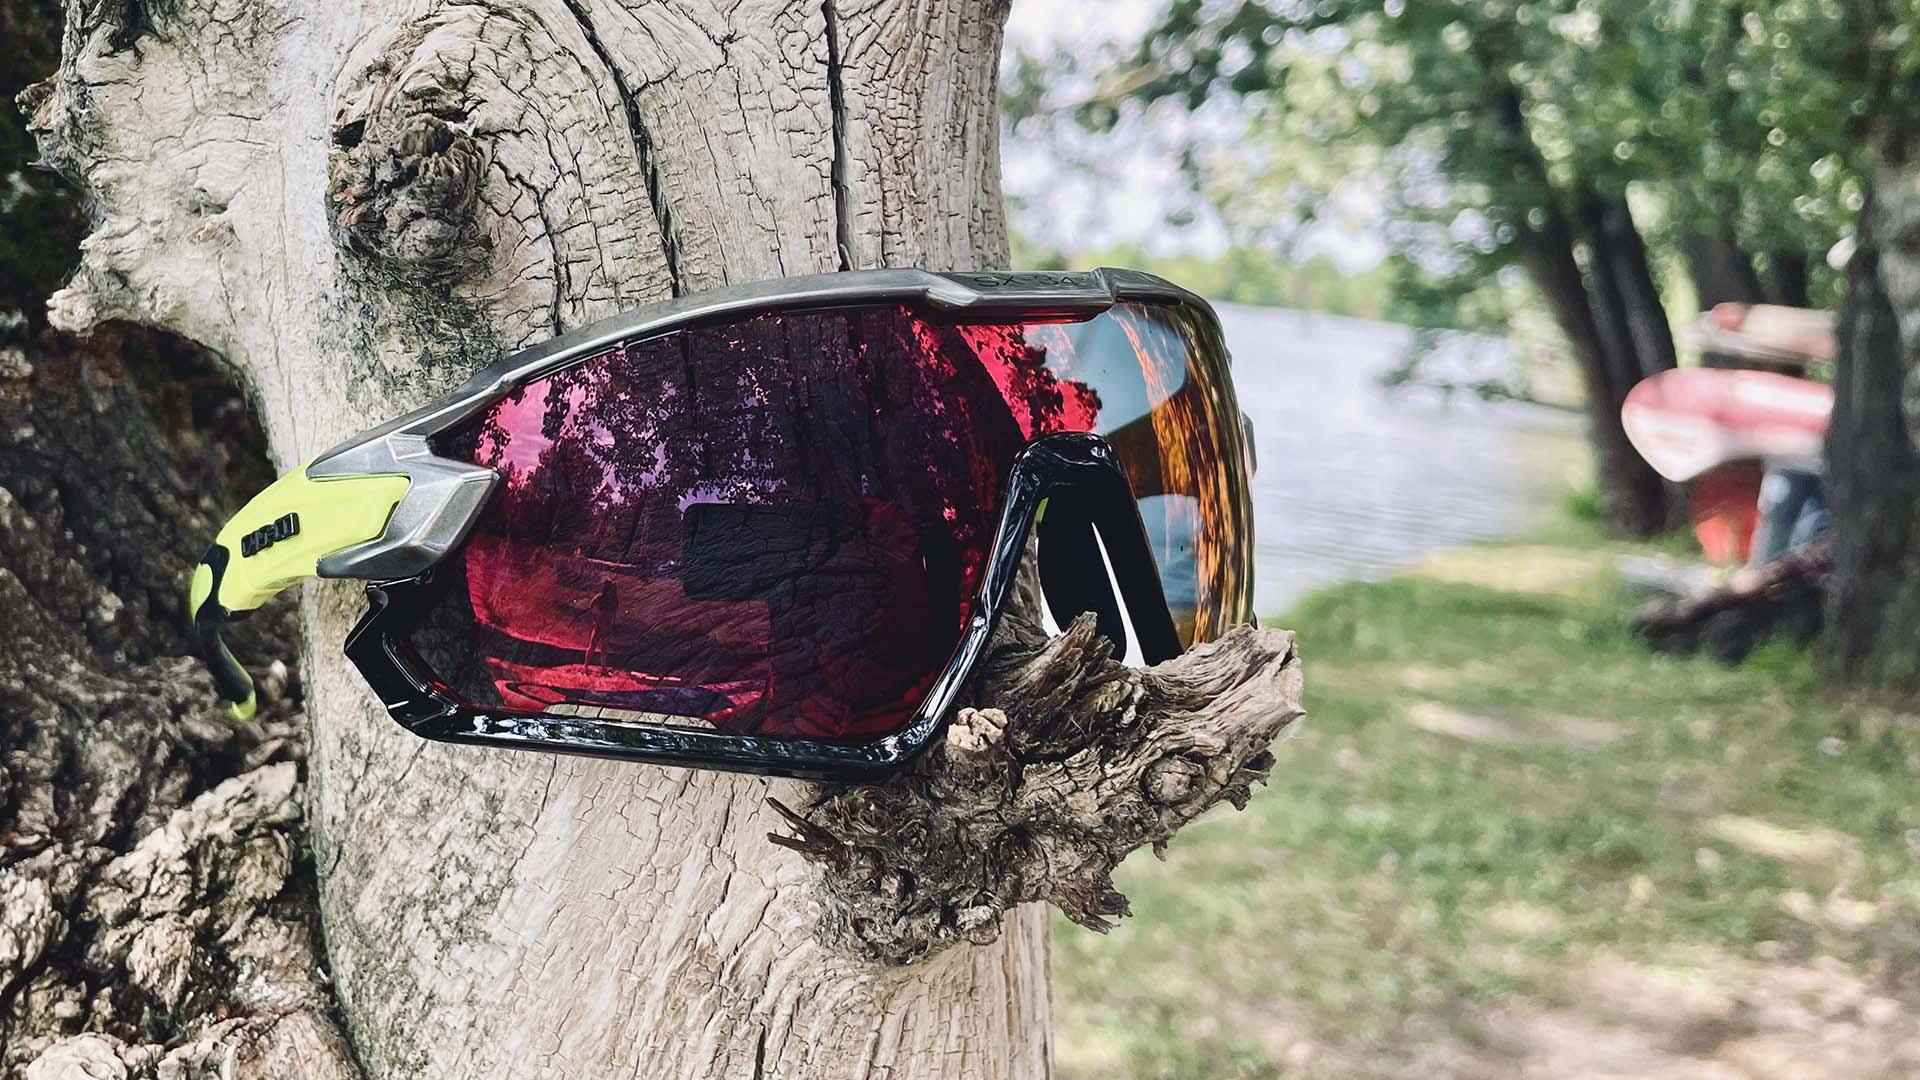 Funkcionális szemüveg sportoláshoz kifejlesztve: Casco SX-34 sportszemüveg-13